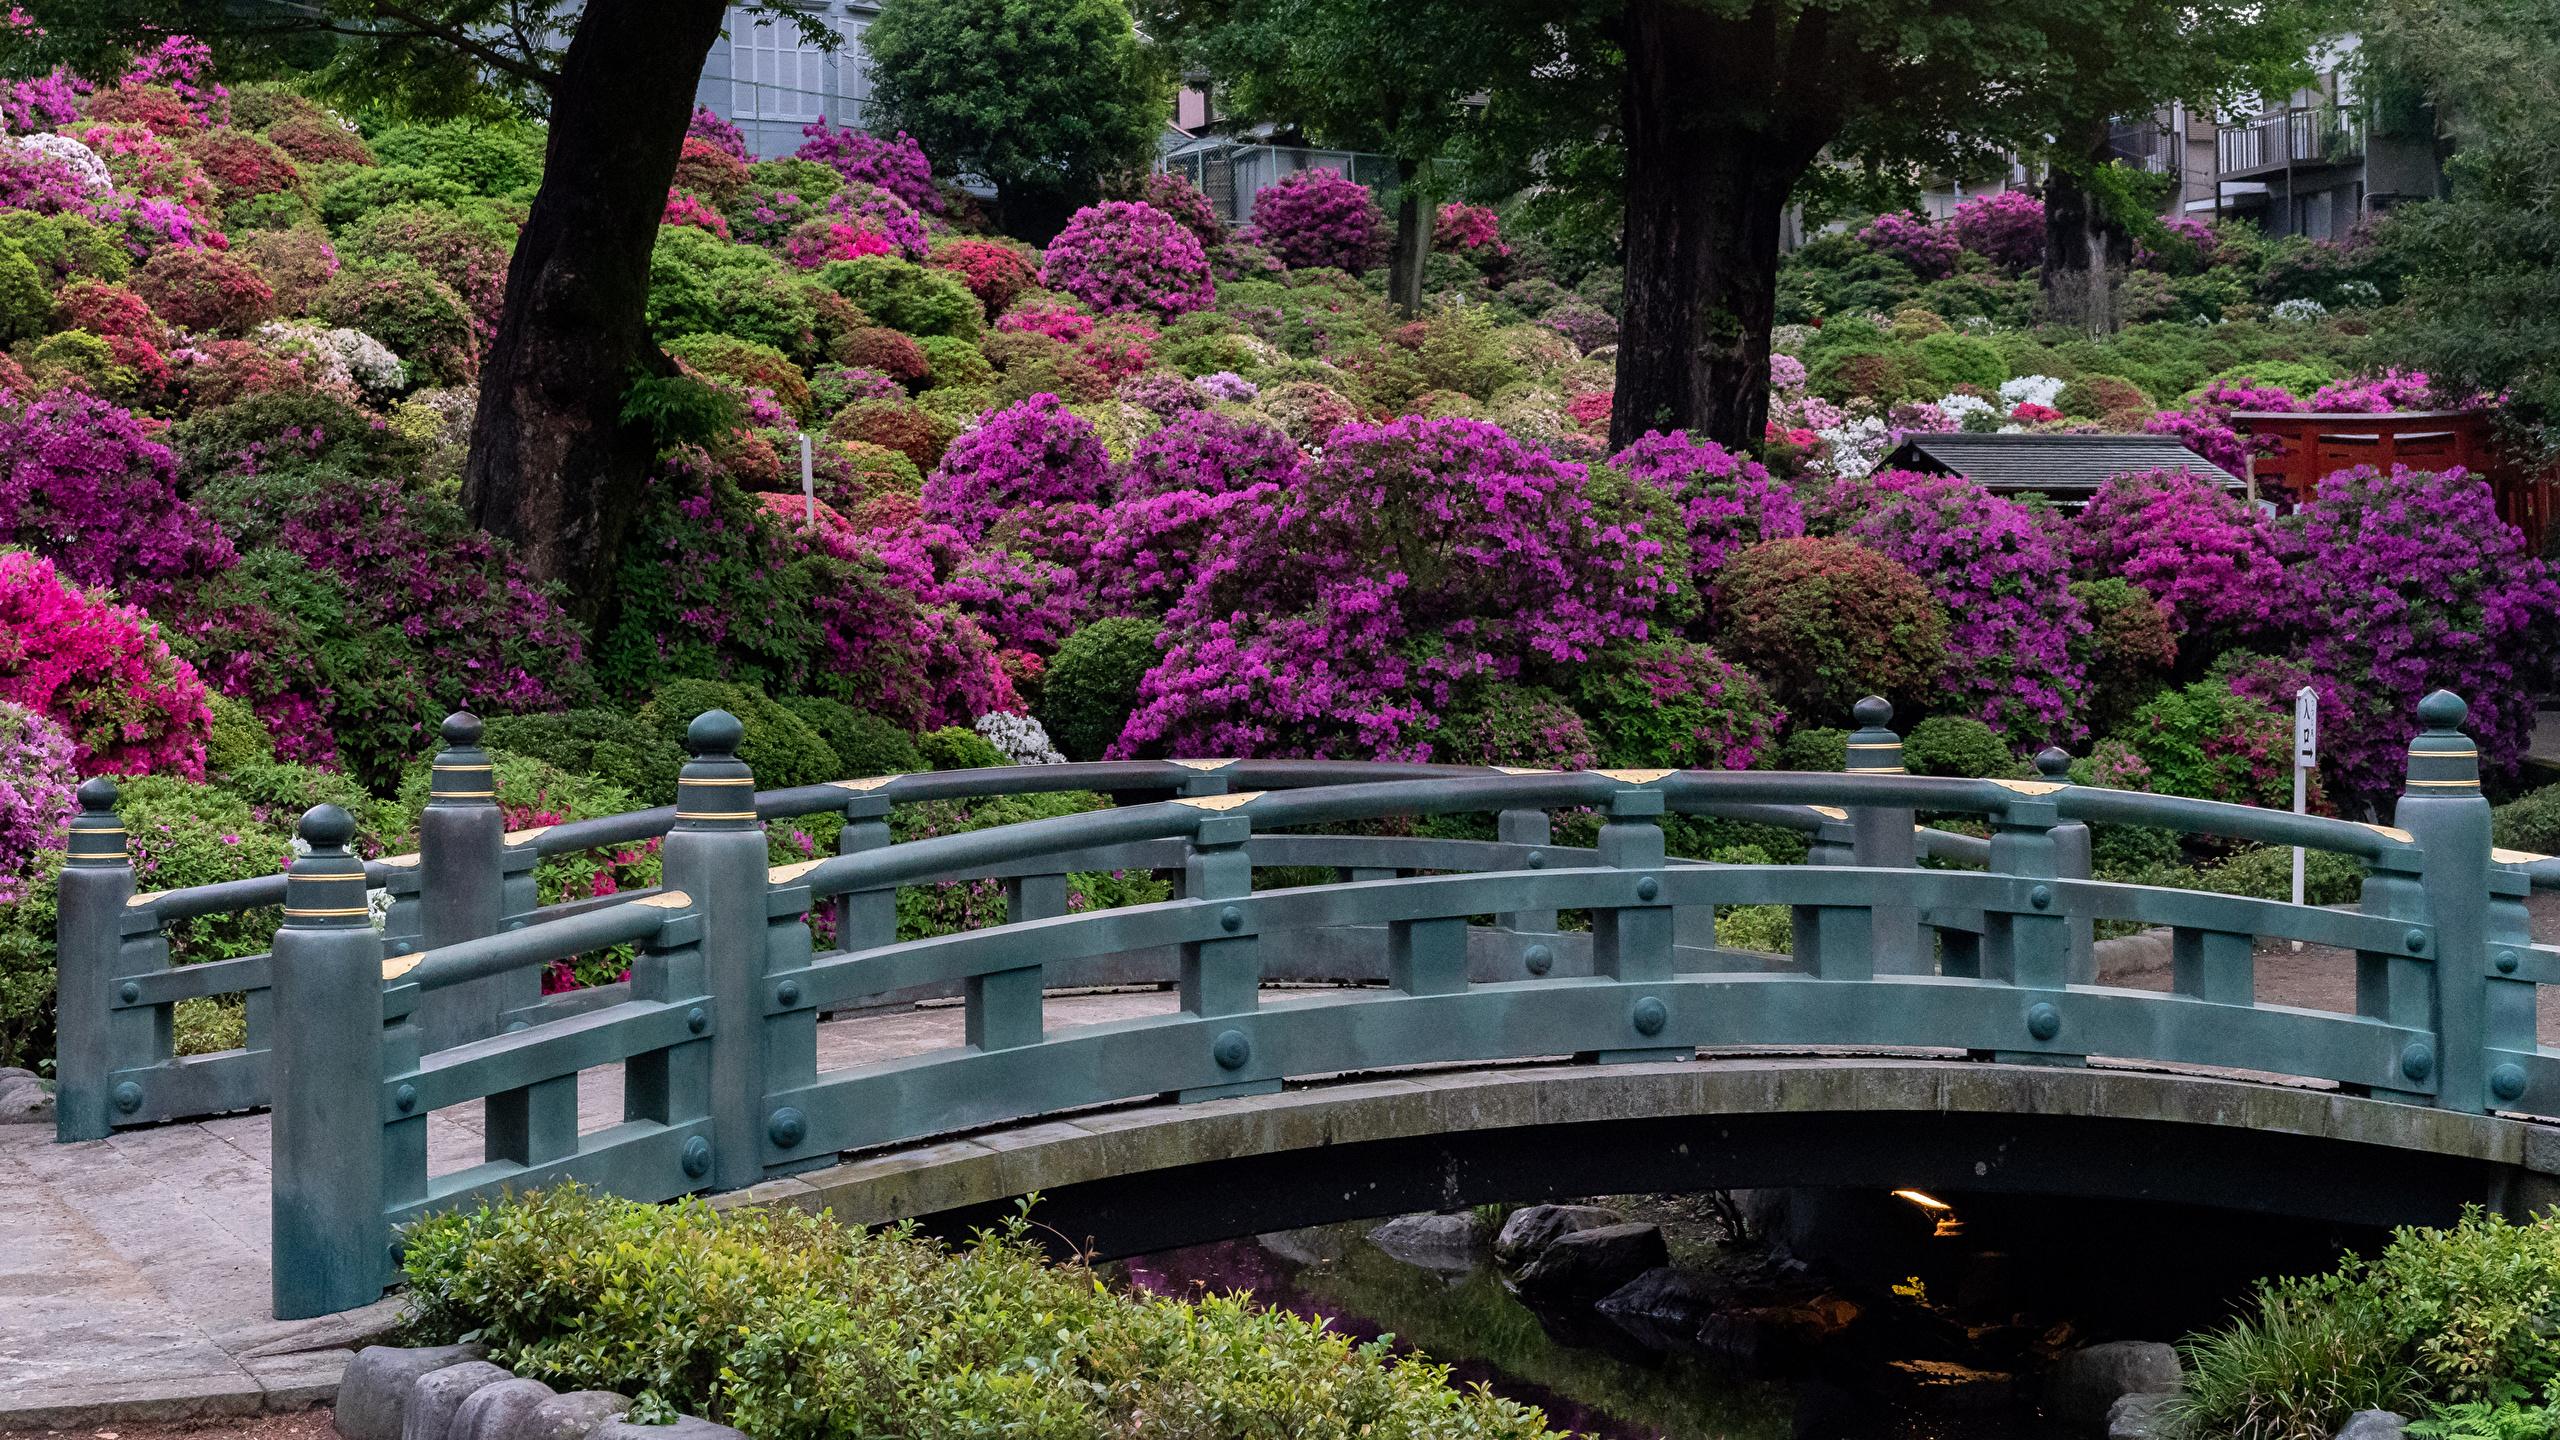 Фото Киото Япония мост Природа Парки Кусты 2560x1440 Мосты парк кустов